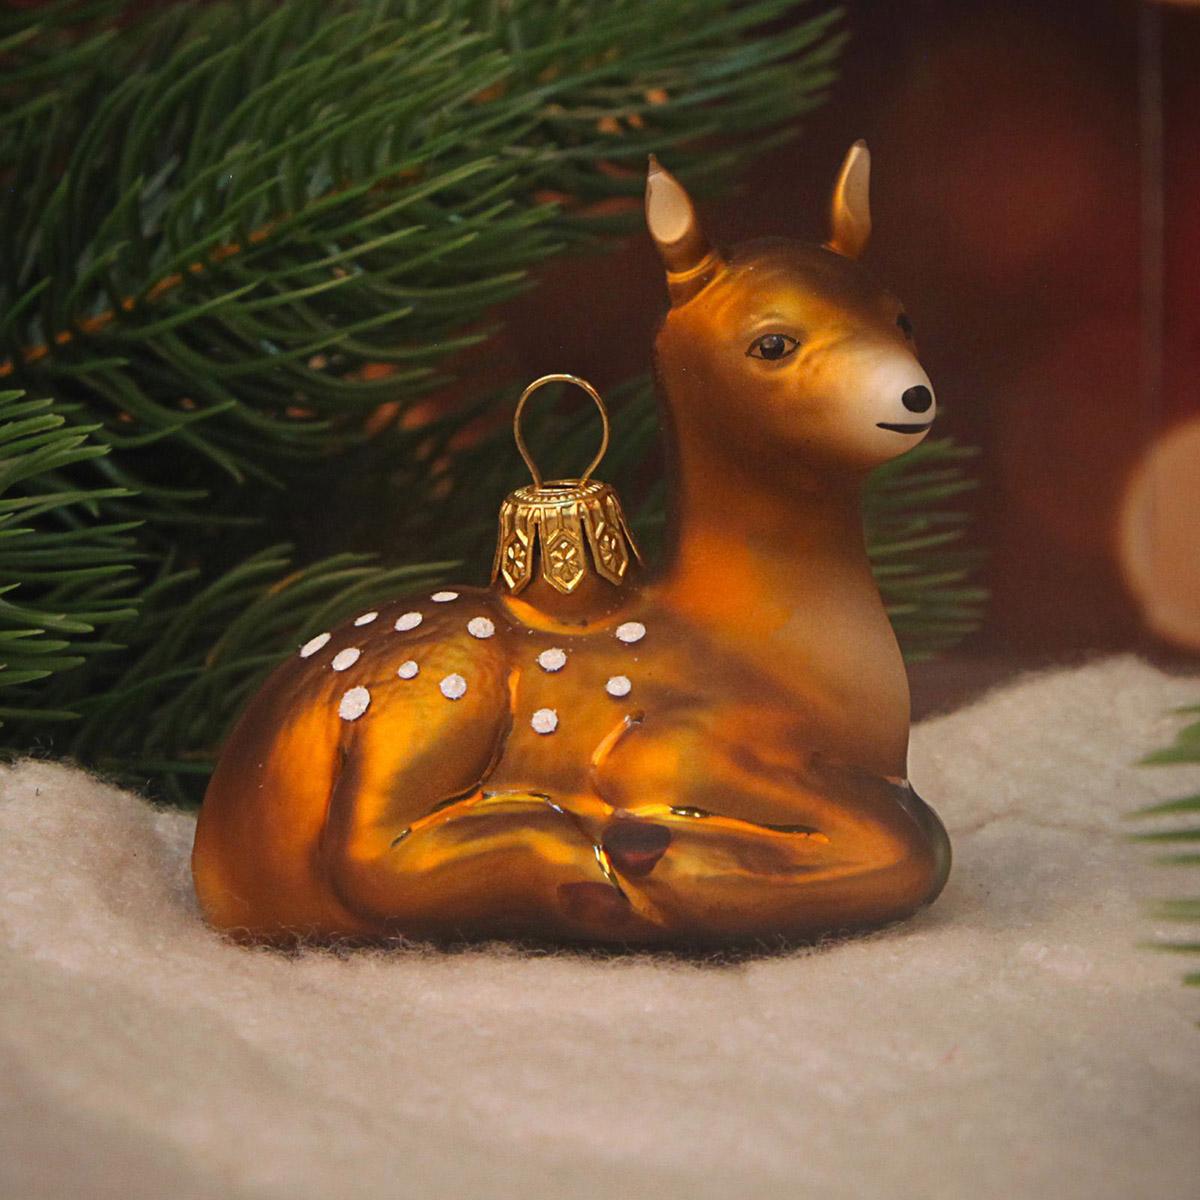 Новогоднее подвесное украшение Hanco Design Бэмби на привале, высота 7 см106359Новогоднее украшение Hanco Design отлично подойдет для декорации вашего дома и новогодней ели. Елочная игрушка - символ Нового года. Она несет в себе волшебство и красоту праздника. Такое украшение создаст в вашем доме атмосферу праздника, веселья и радости.